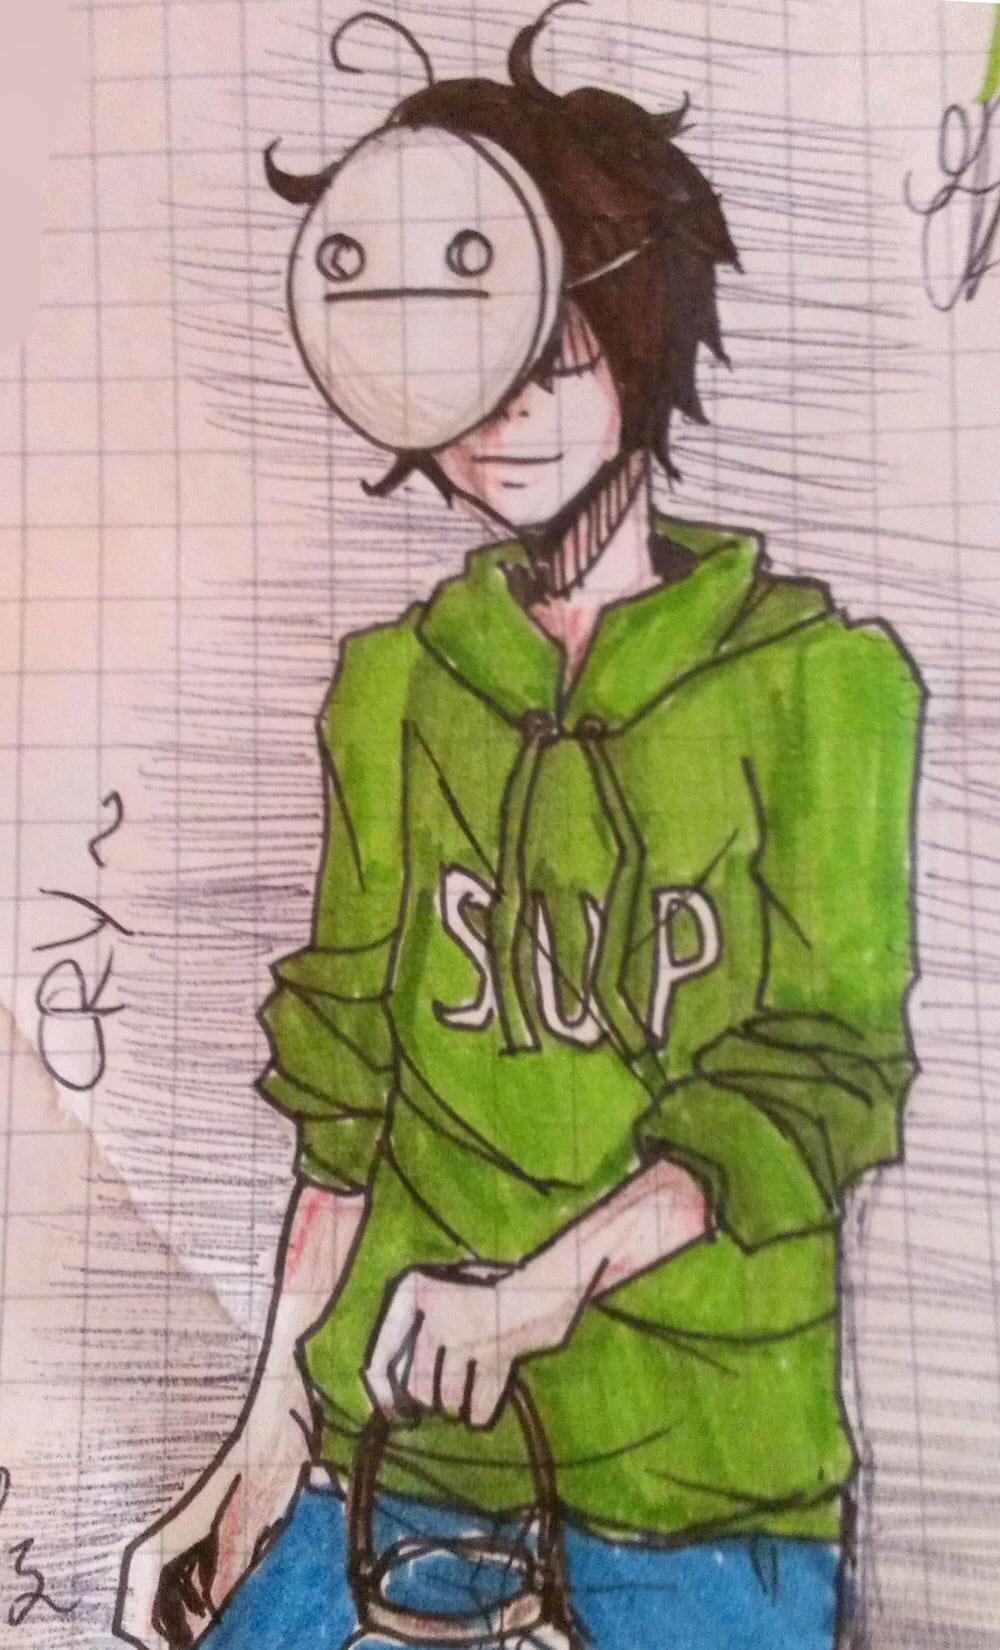 [school sketch] Cry by anemontaglub